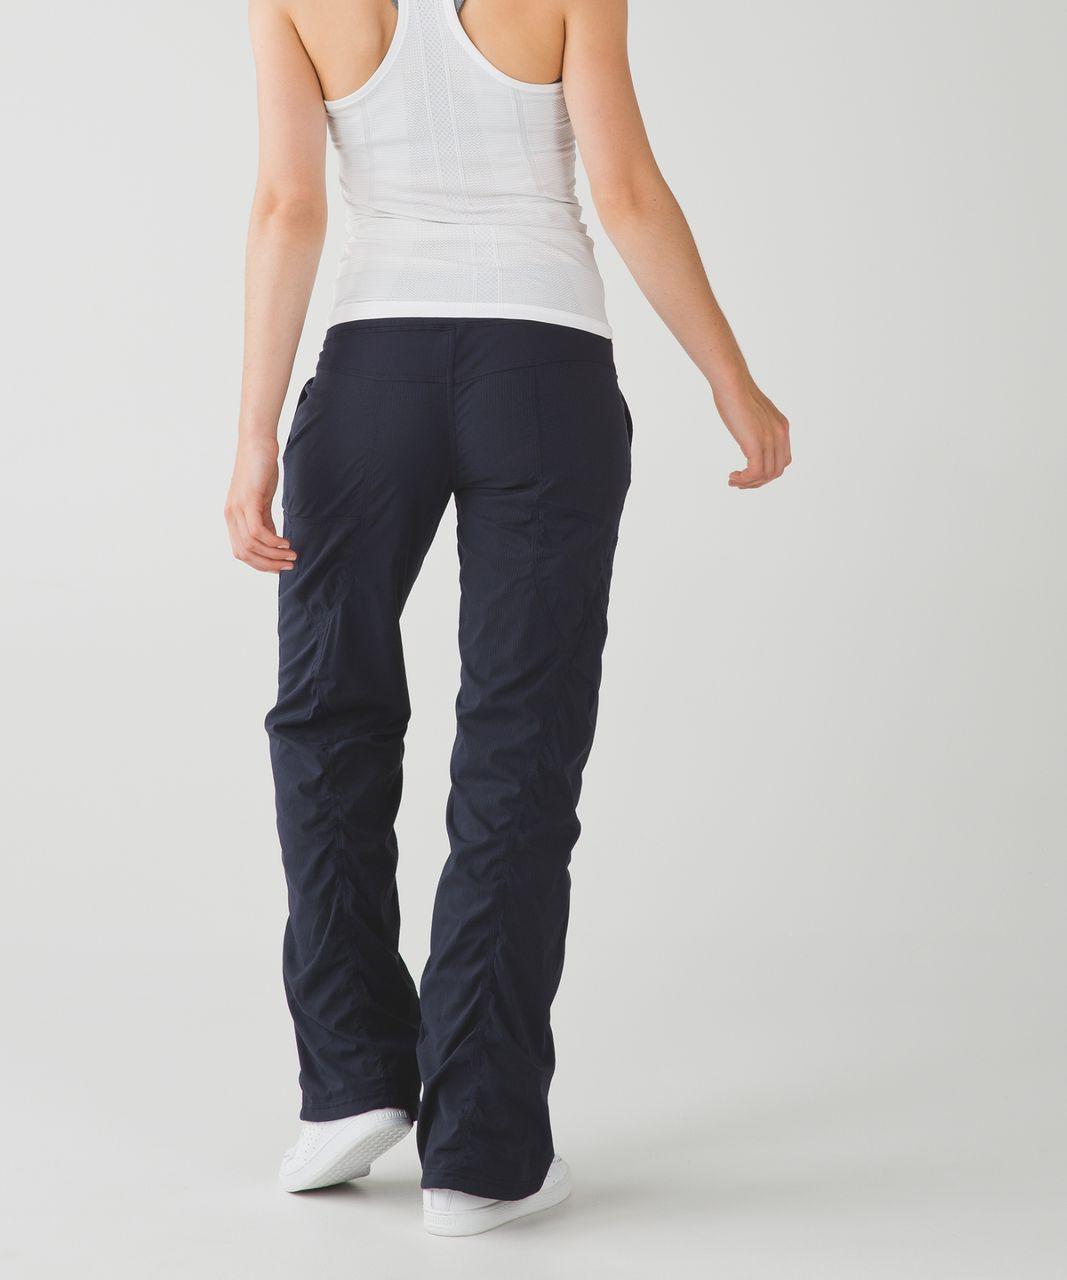 Lululemon Studio Pant II (Tall) *Lined - Naval Blue